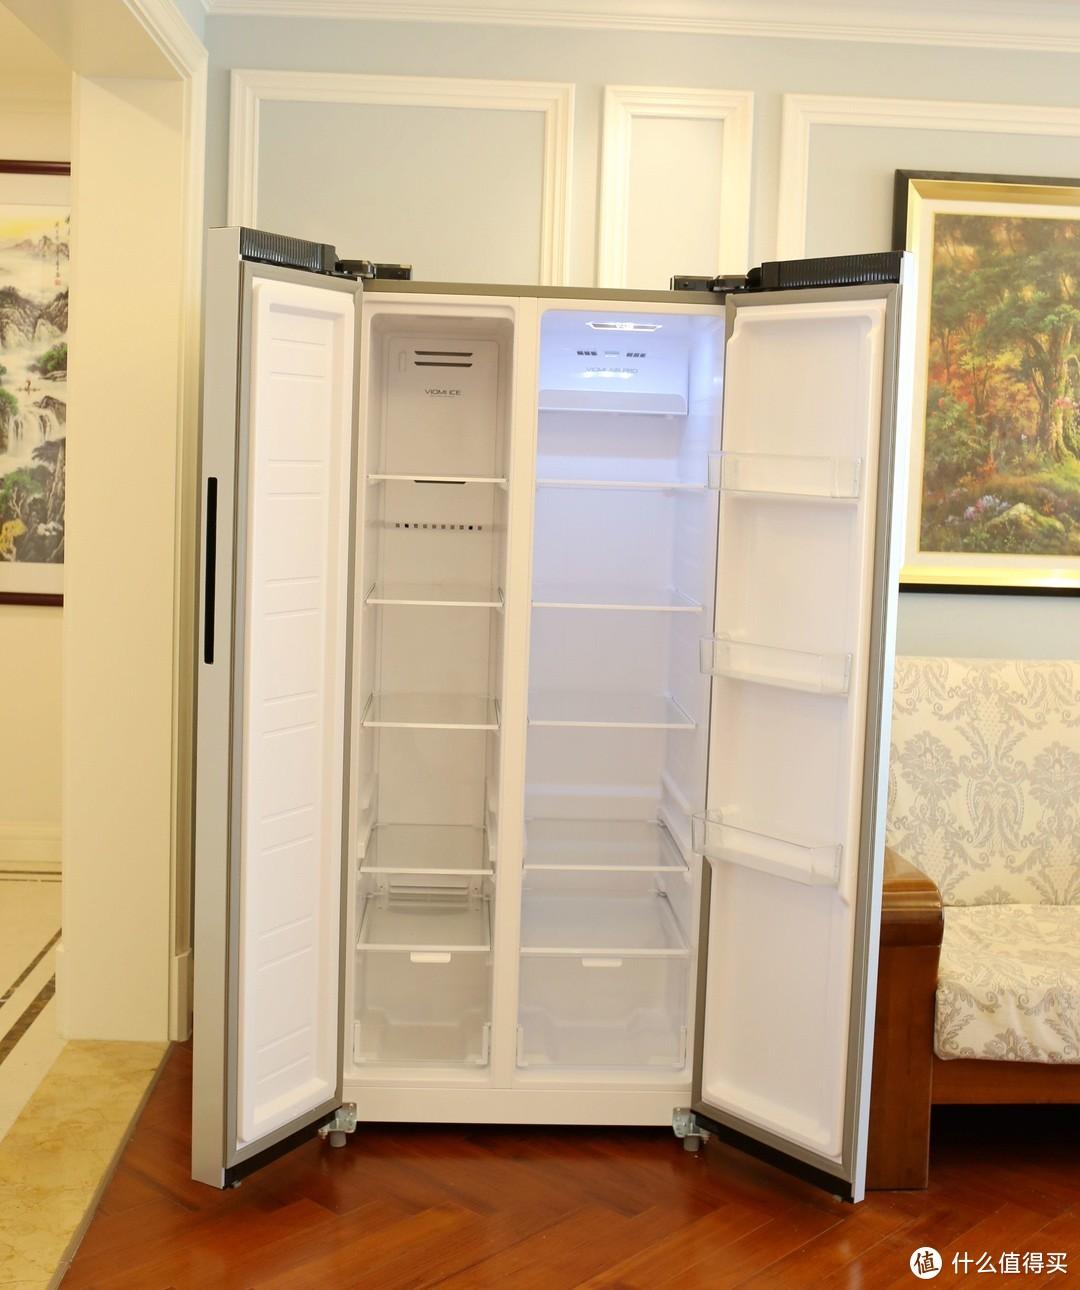 不会做饭吗?VIOMI云米对开门446升冰箱超大屏幕,做饭娱乐两不误